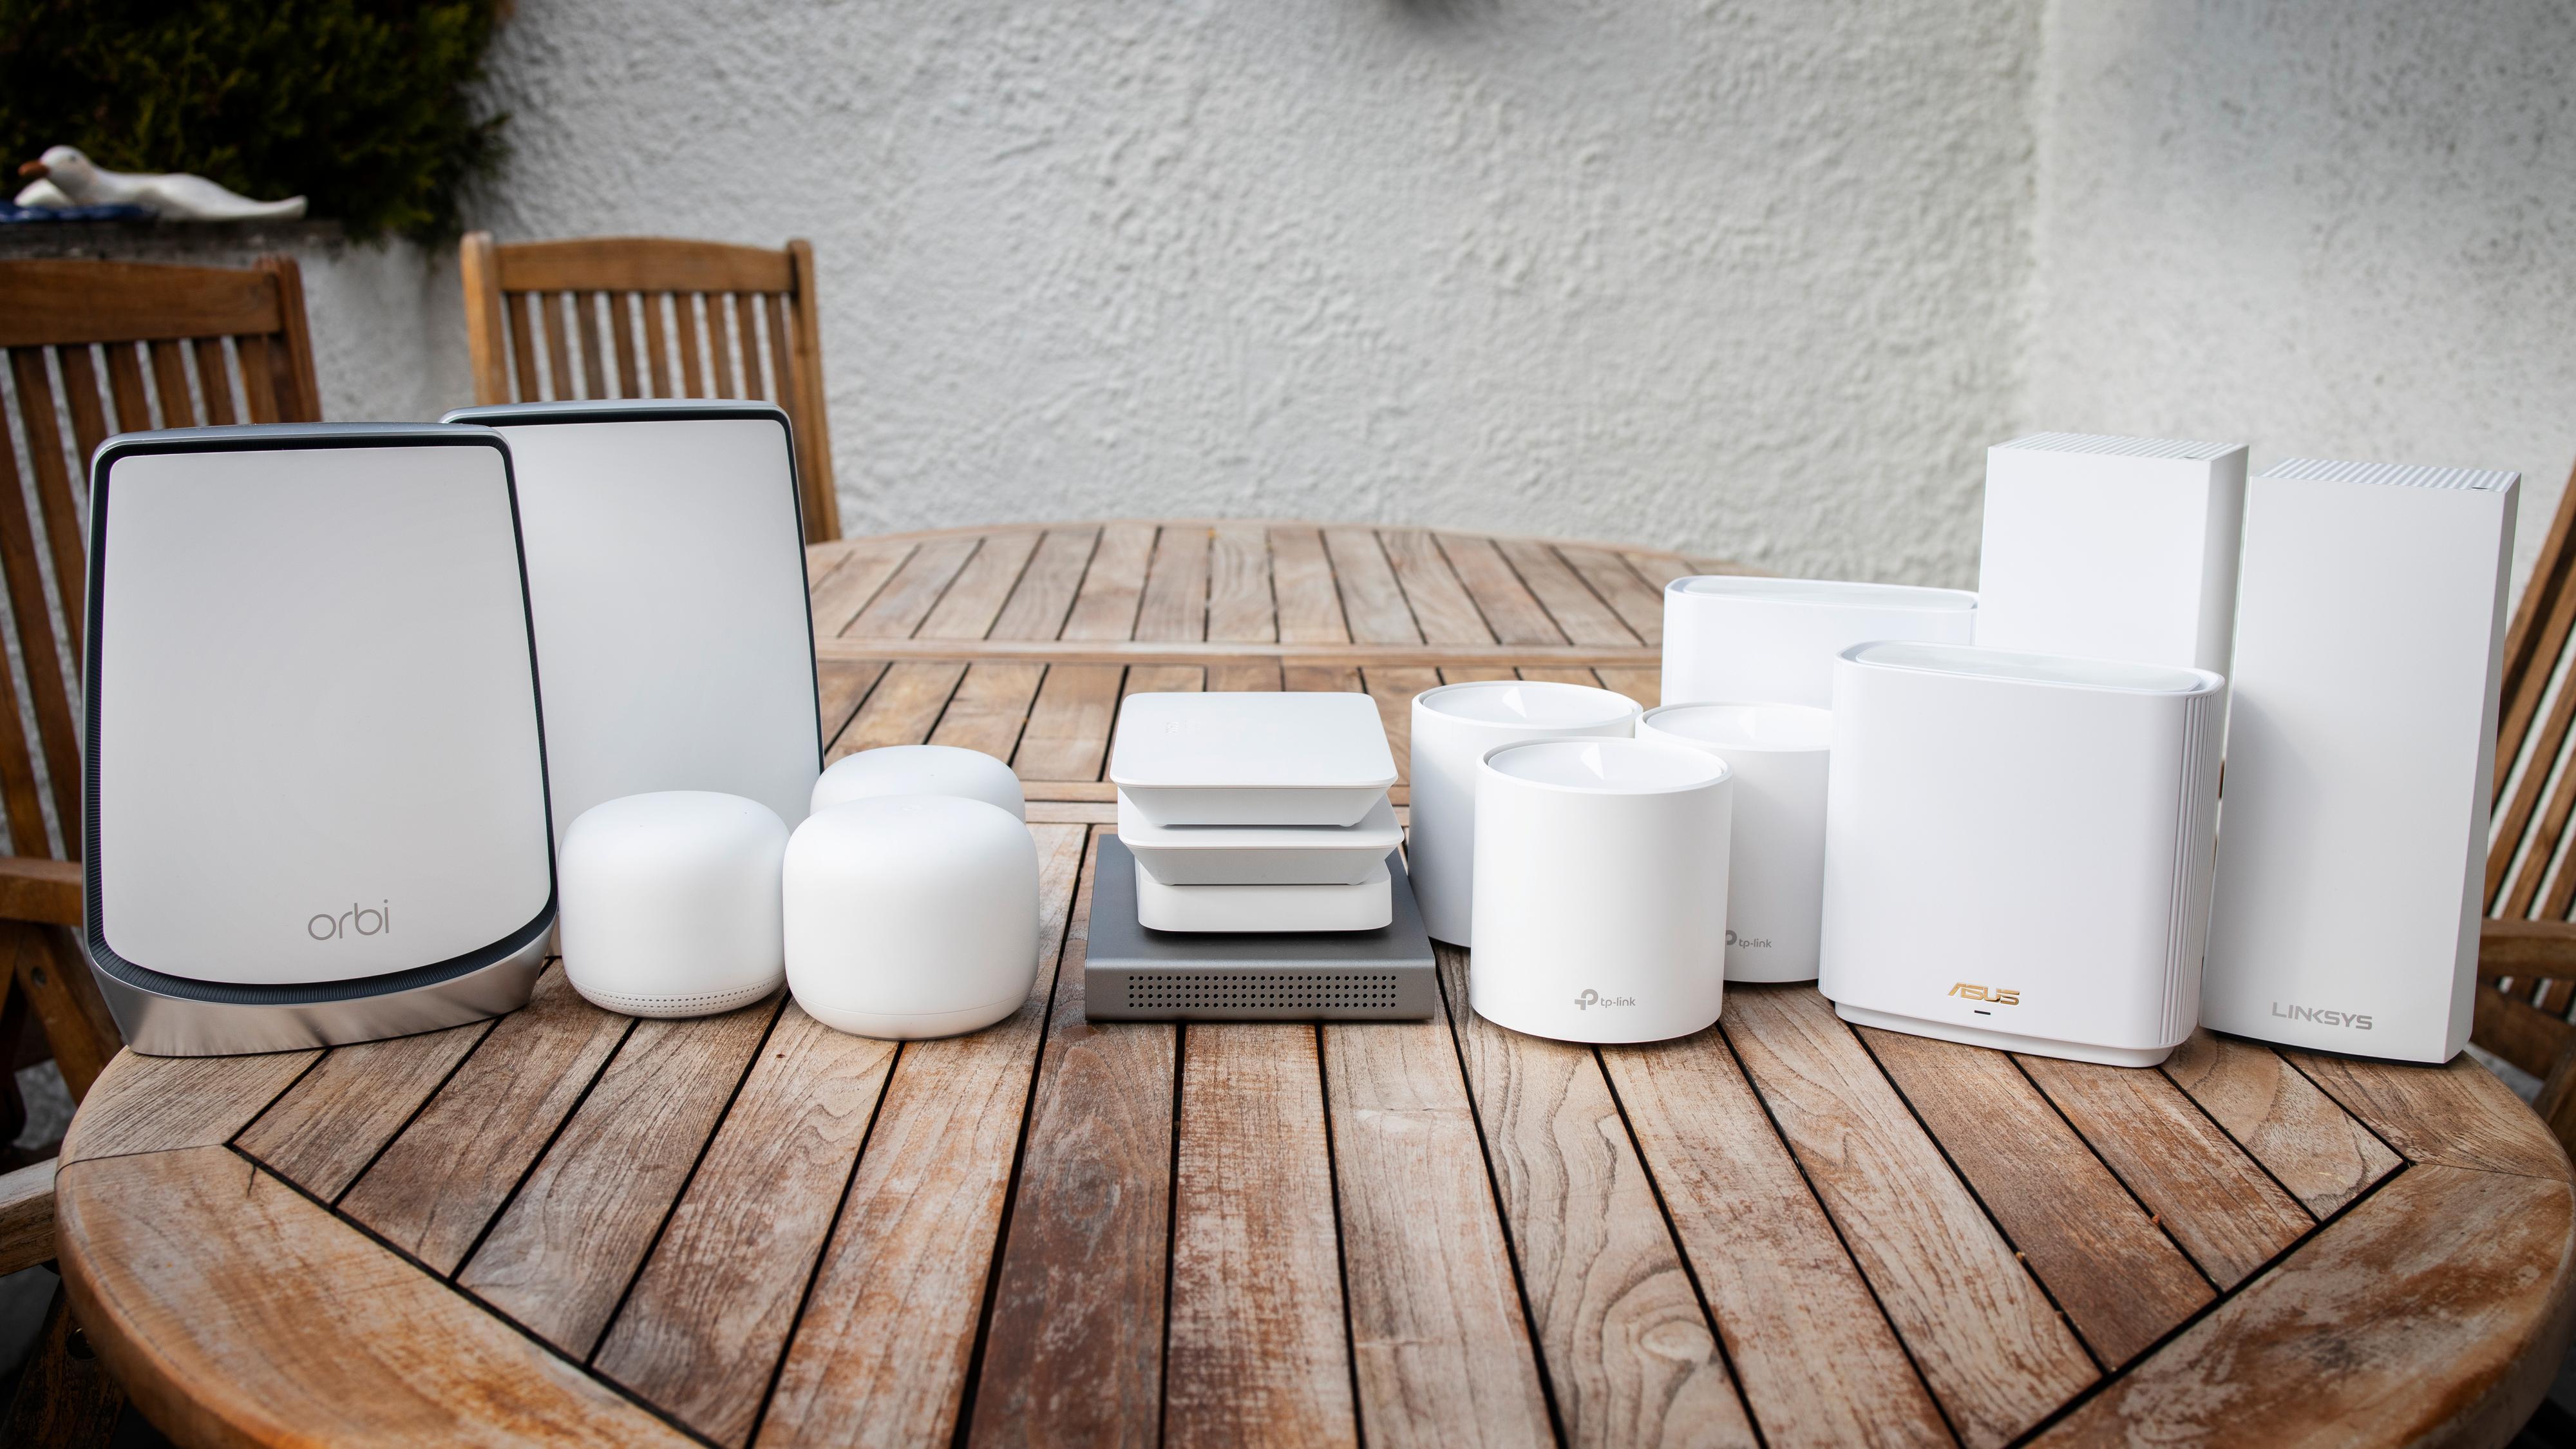 Syv mesh-sett, hvorav fem støtter Wi-Fi 6, har vært satt på prøve. Fra venstre Netgear Orbi, Google Nest Wifi, Cisco Meraki Go, TP-Link Deco X60, Asus ZenWifi XT8 og Linksys MX10.